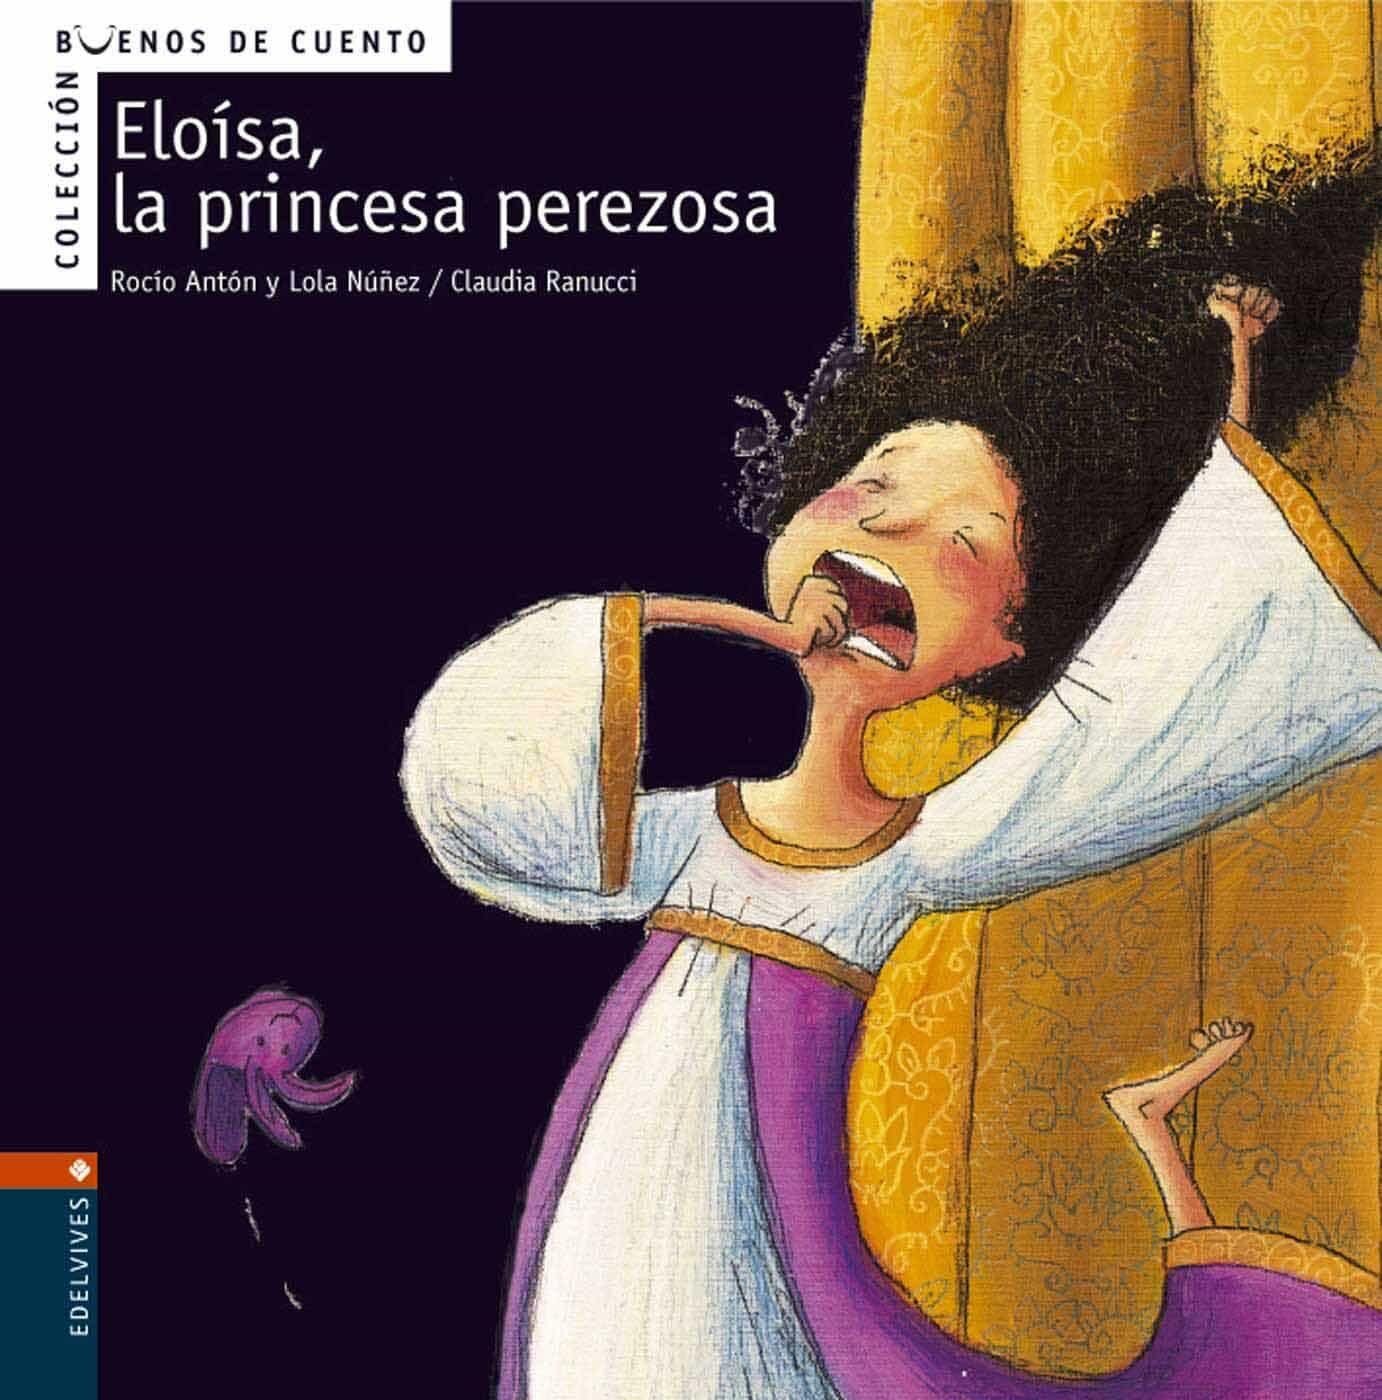 Eloisa, La Princesa Perezosa (buenos Cuentos Nº 2) por Rocio Anton;                                                                                    Lola Nuñez